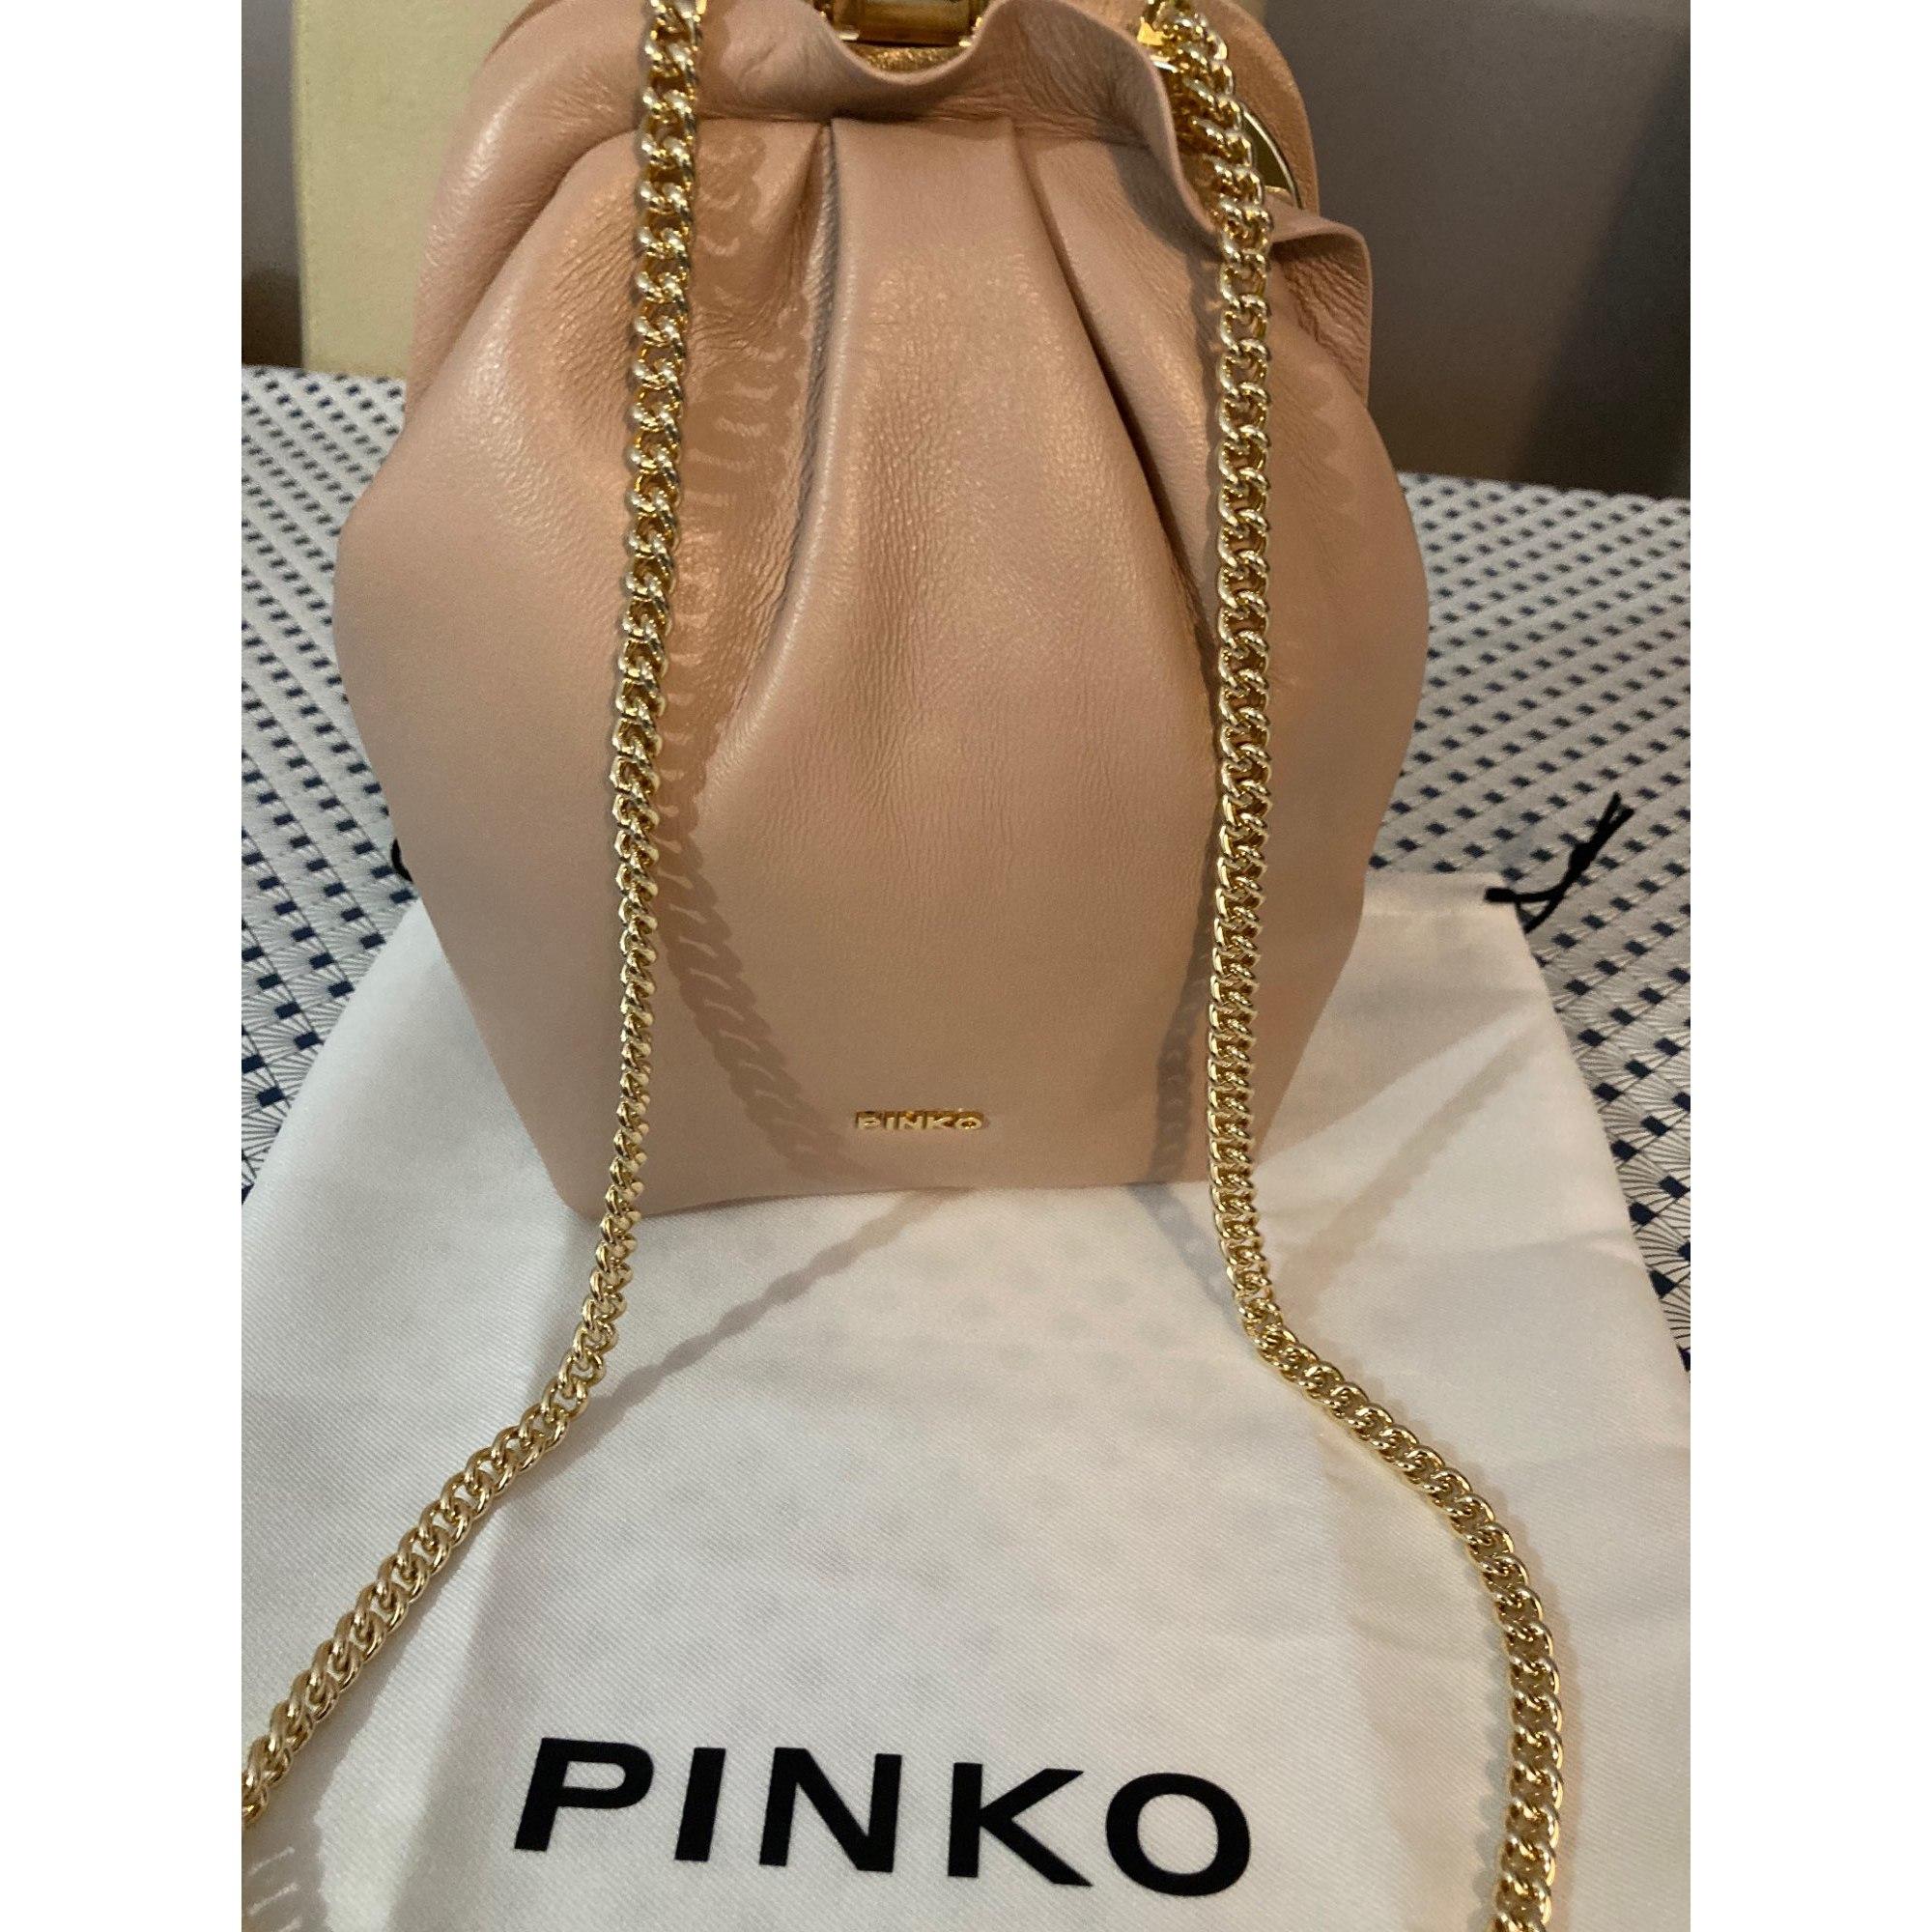 Sac pochette en cuir PINKO Rose, fuschia, vieux rose